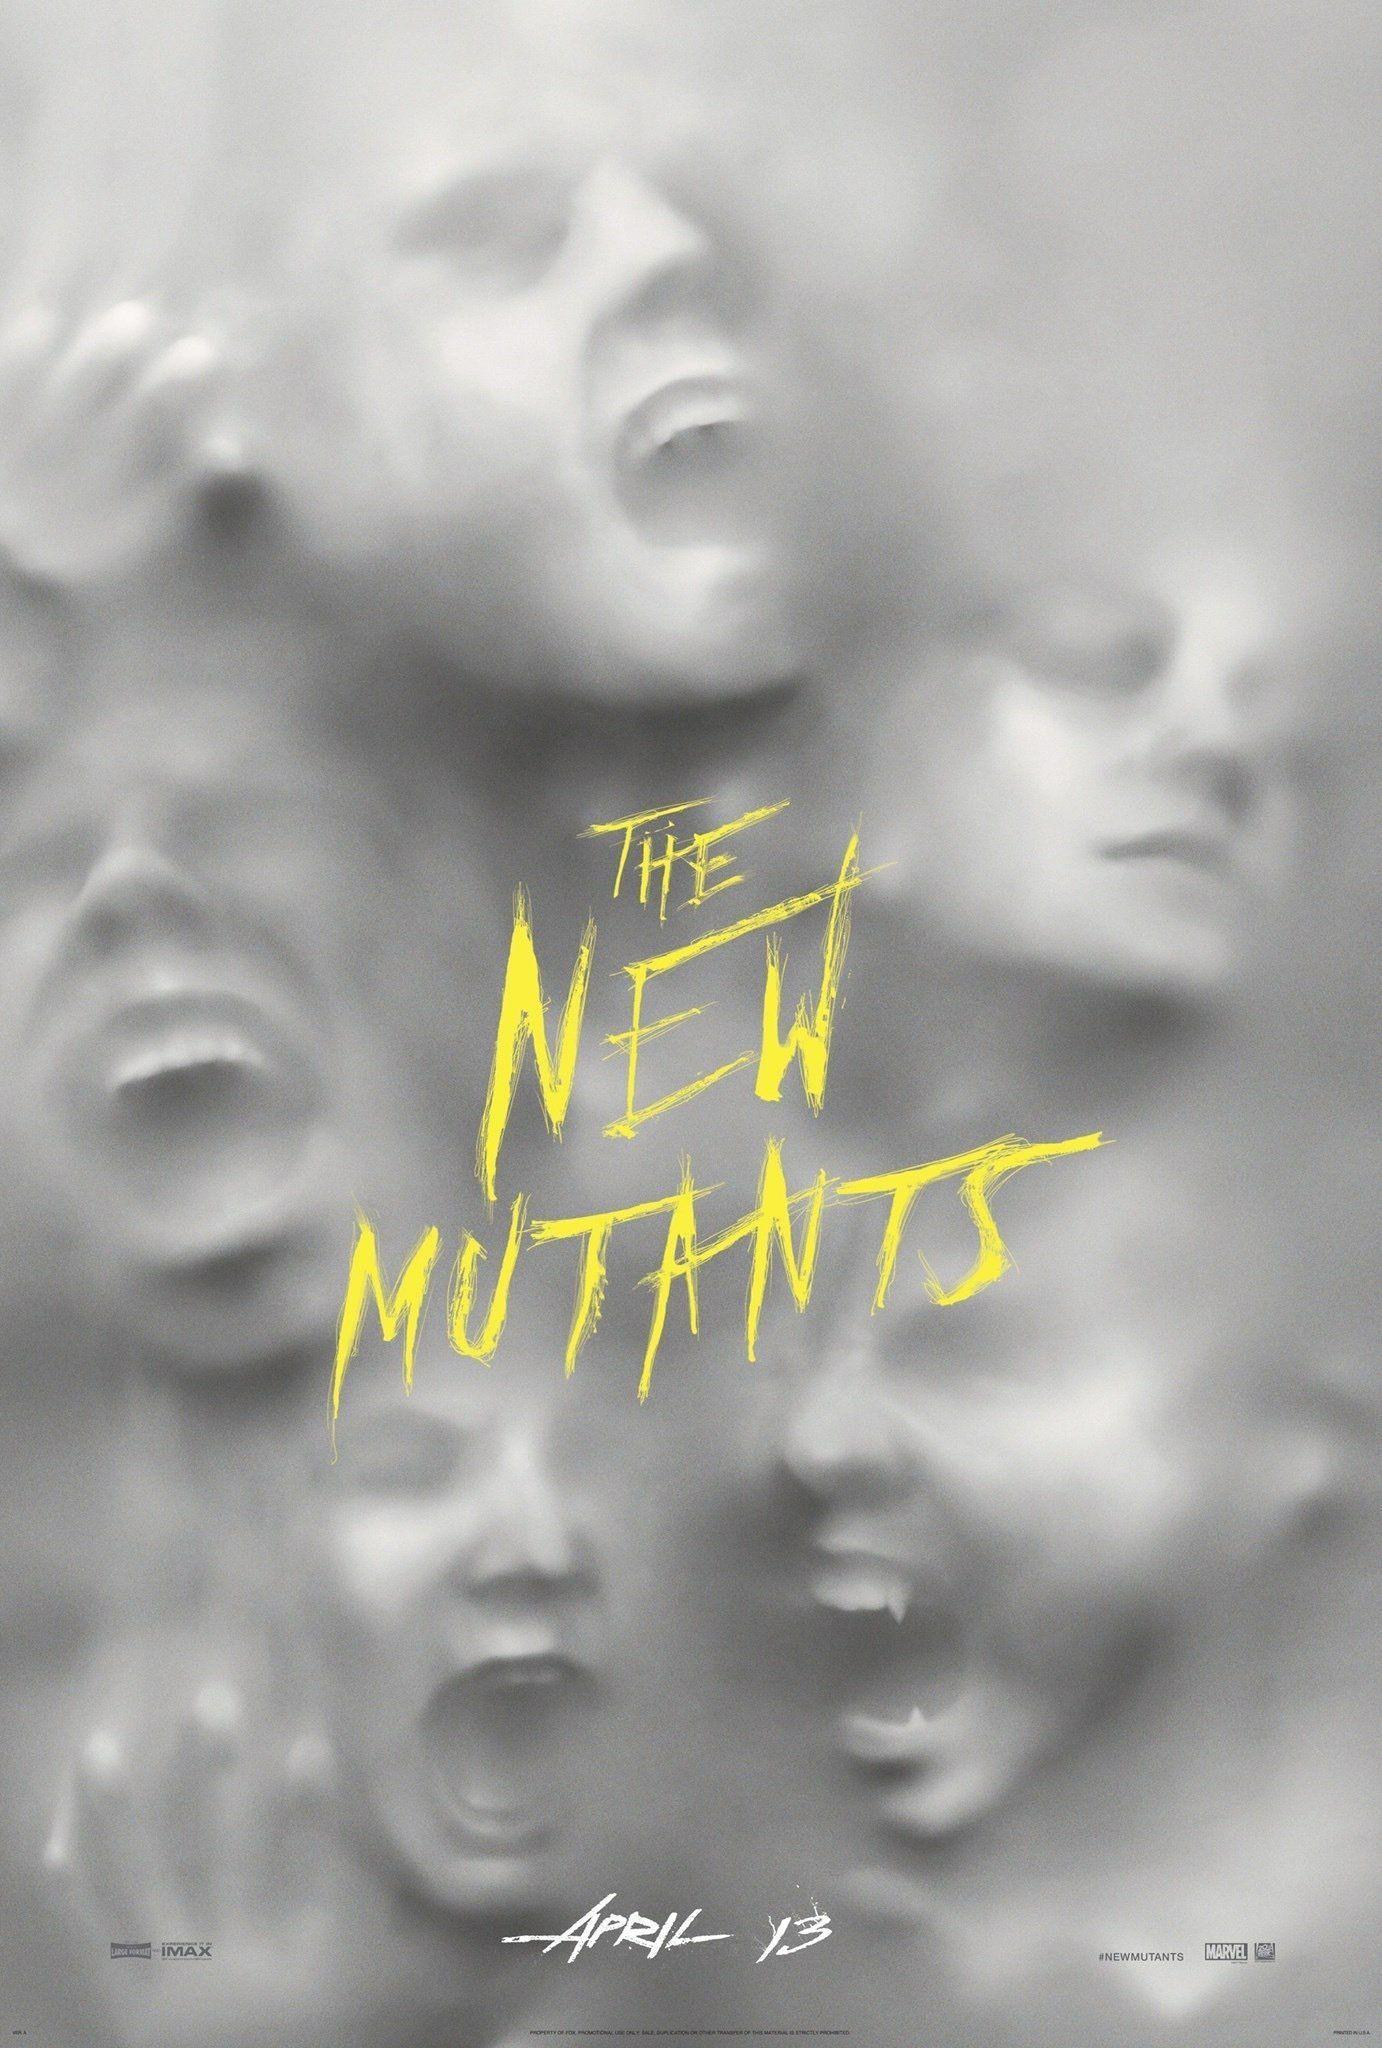 les nouveaux mutants film 2018 senscritique. Black Bedroom Furniture Sets. Home Design Ideas